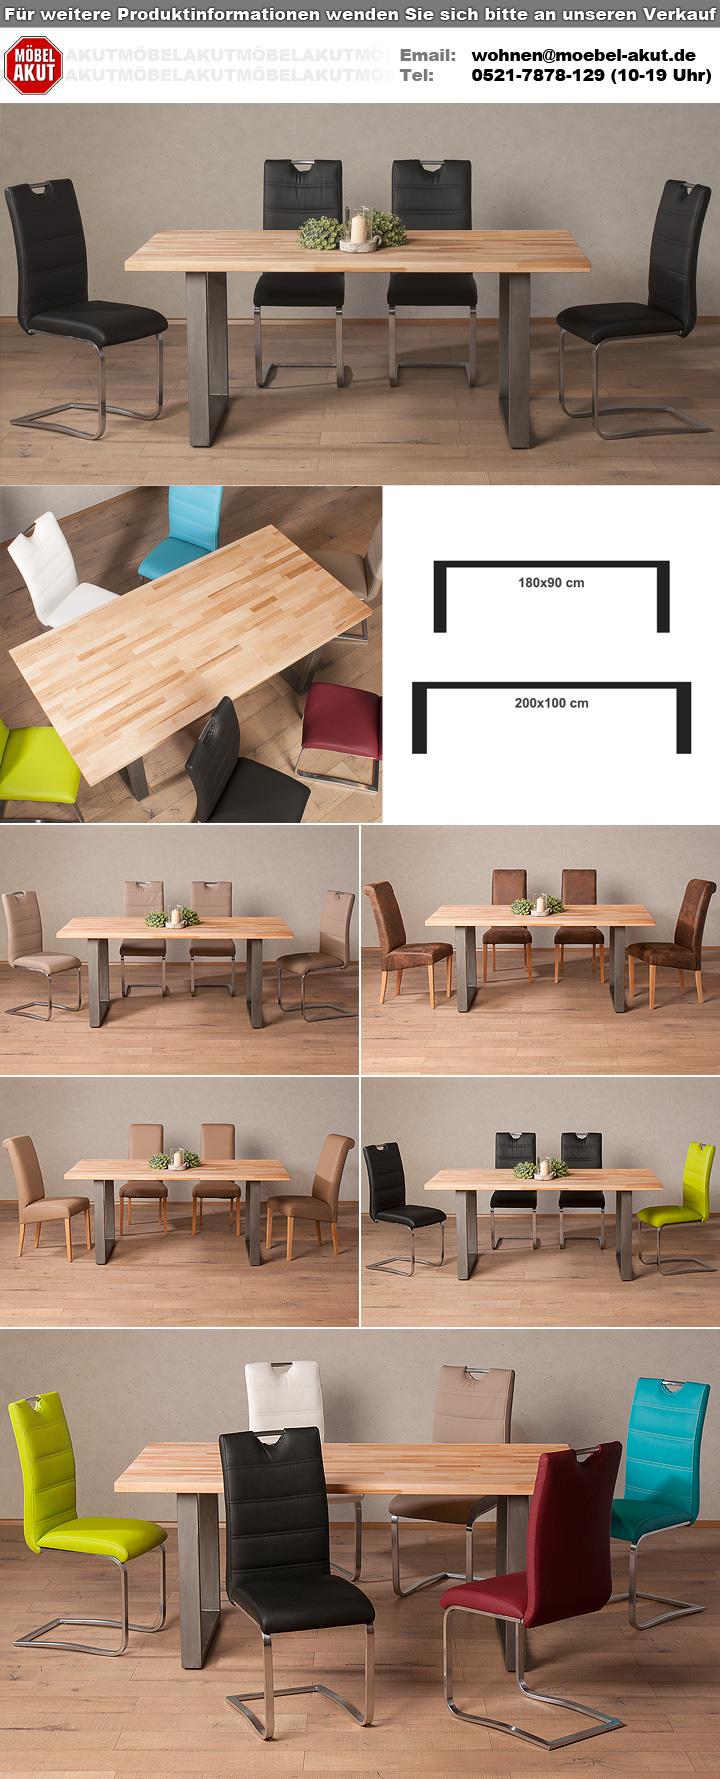 esstisch palm beach kernbuche massiv ge lt eisen 180x90. Black Bedroom Furniture Sets. Home Design Ideas